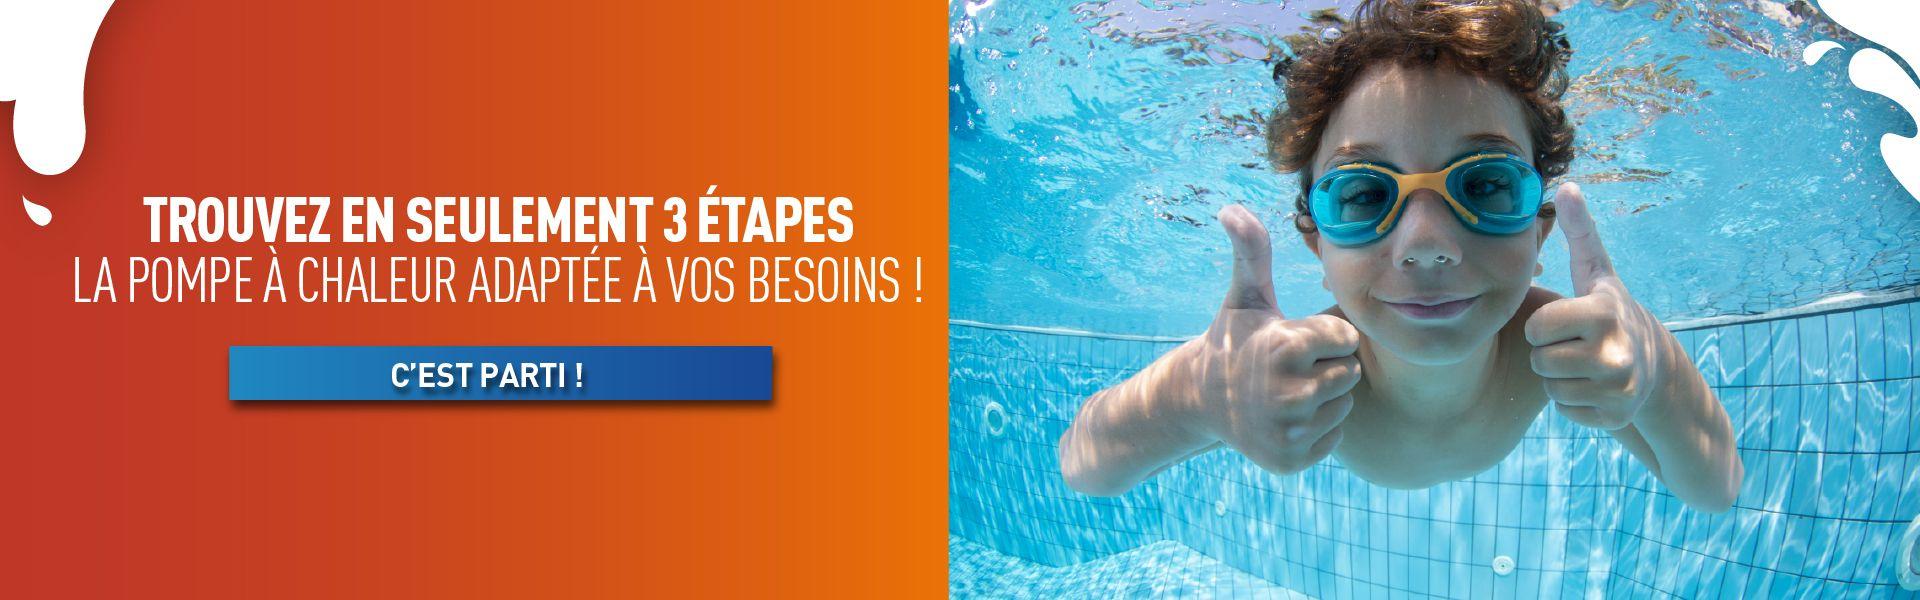 Cash Piscines - Tout Pour La Piscine & Spas Gonflables ... tout Cash Piscine Toulouse